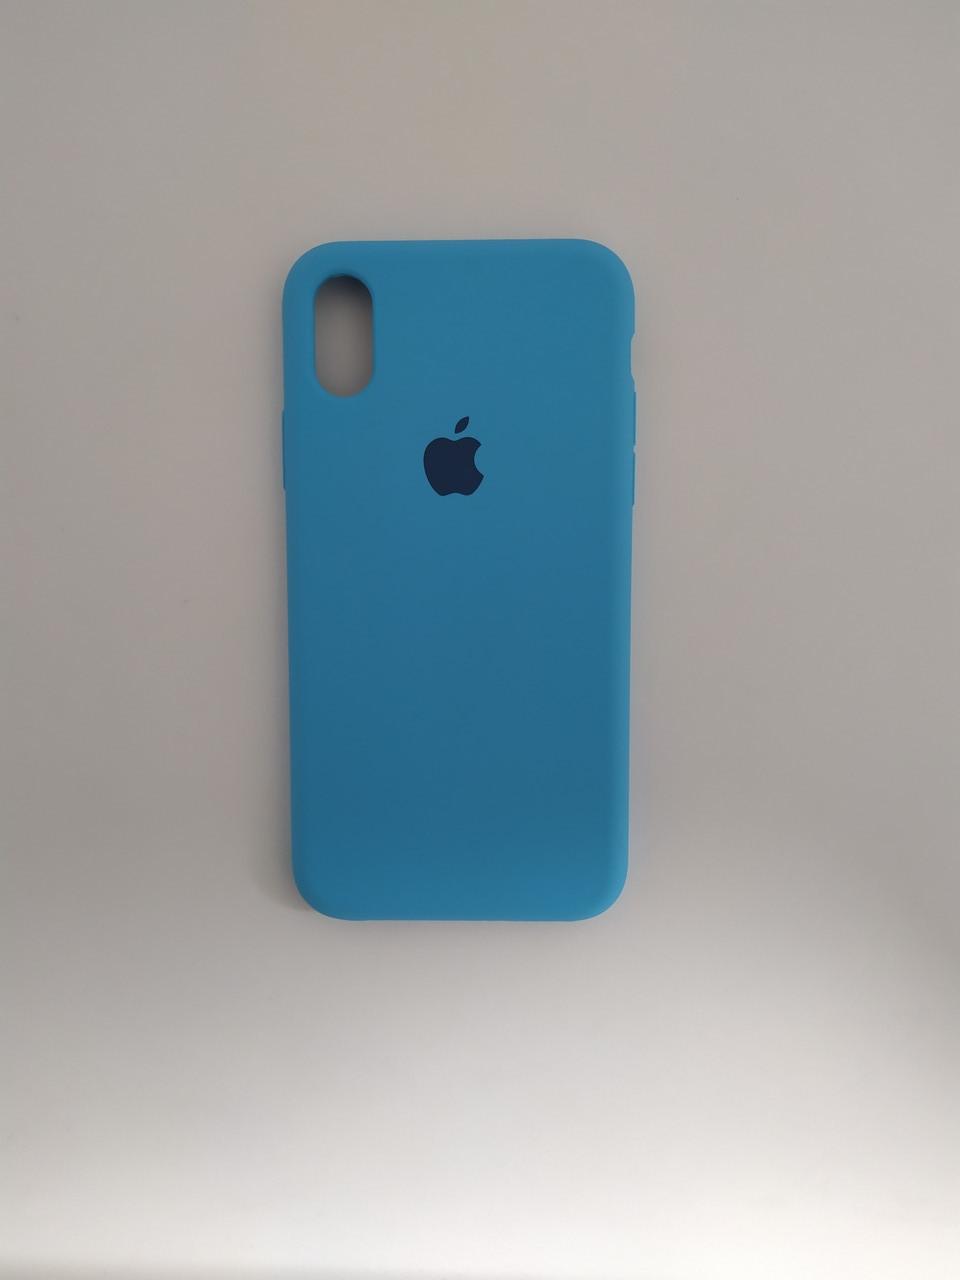 """Чехол Silicon iPhone Xs Max - """"Голубой №16"""""""